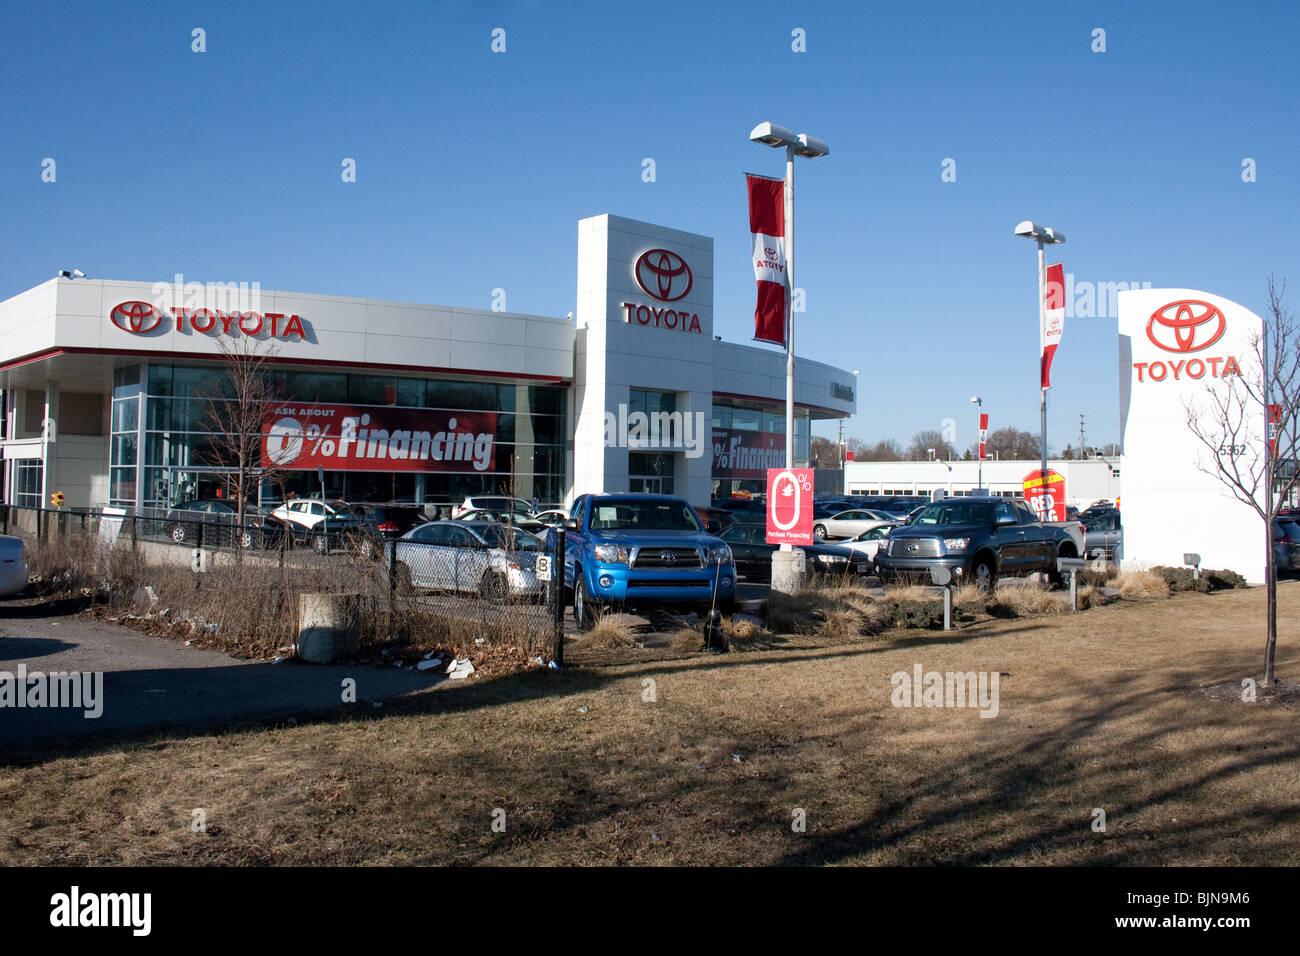 Toyota Logo Autohaus Null Finanzierung leasing Autos Auto viel viele brandneue Verkauf Auto Sektor Incentive Verbraucher Stockbild